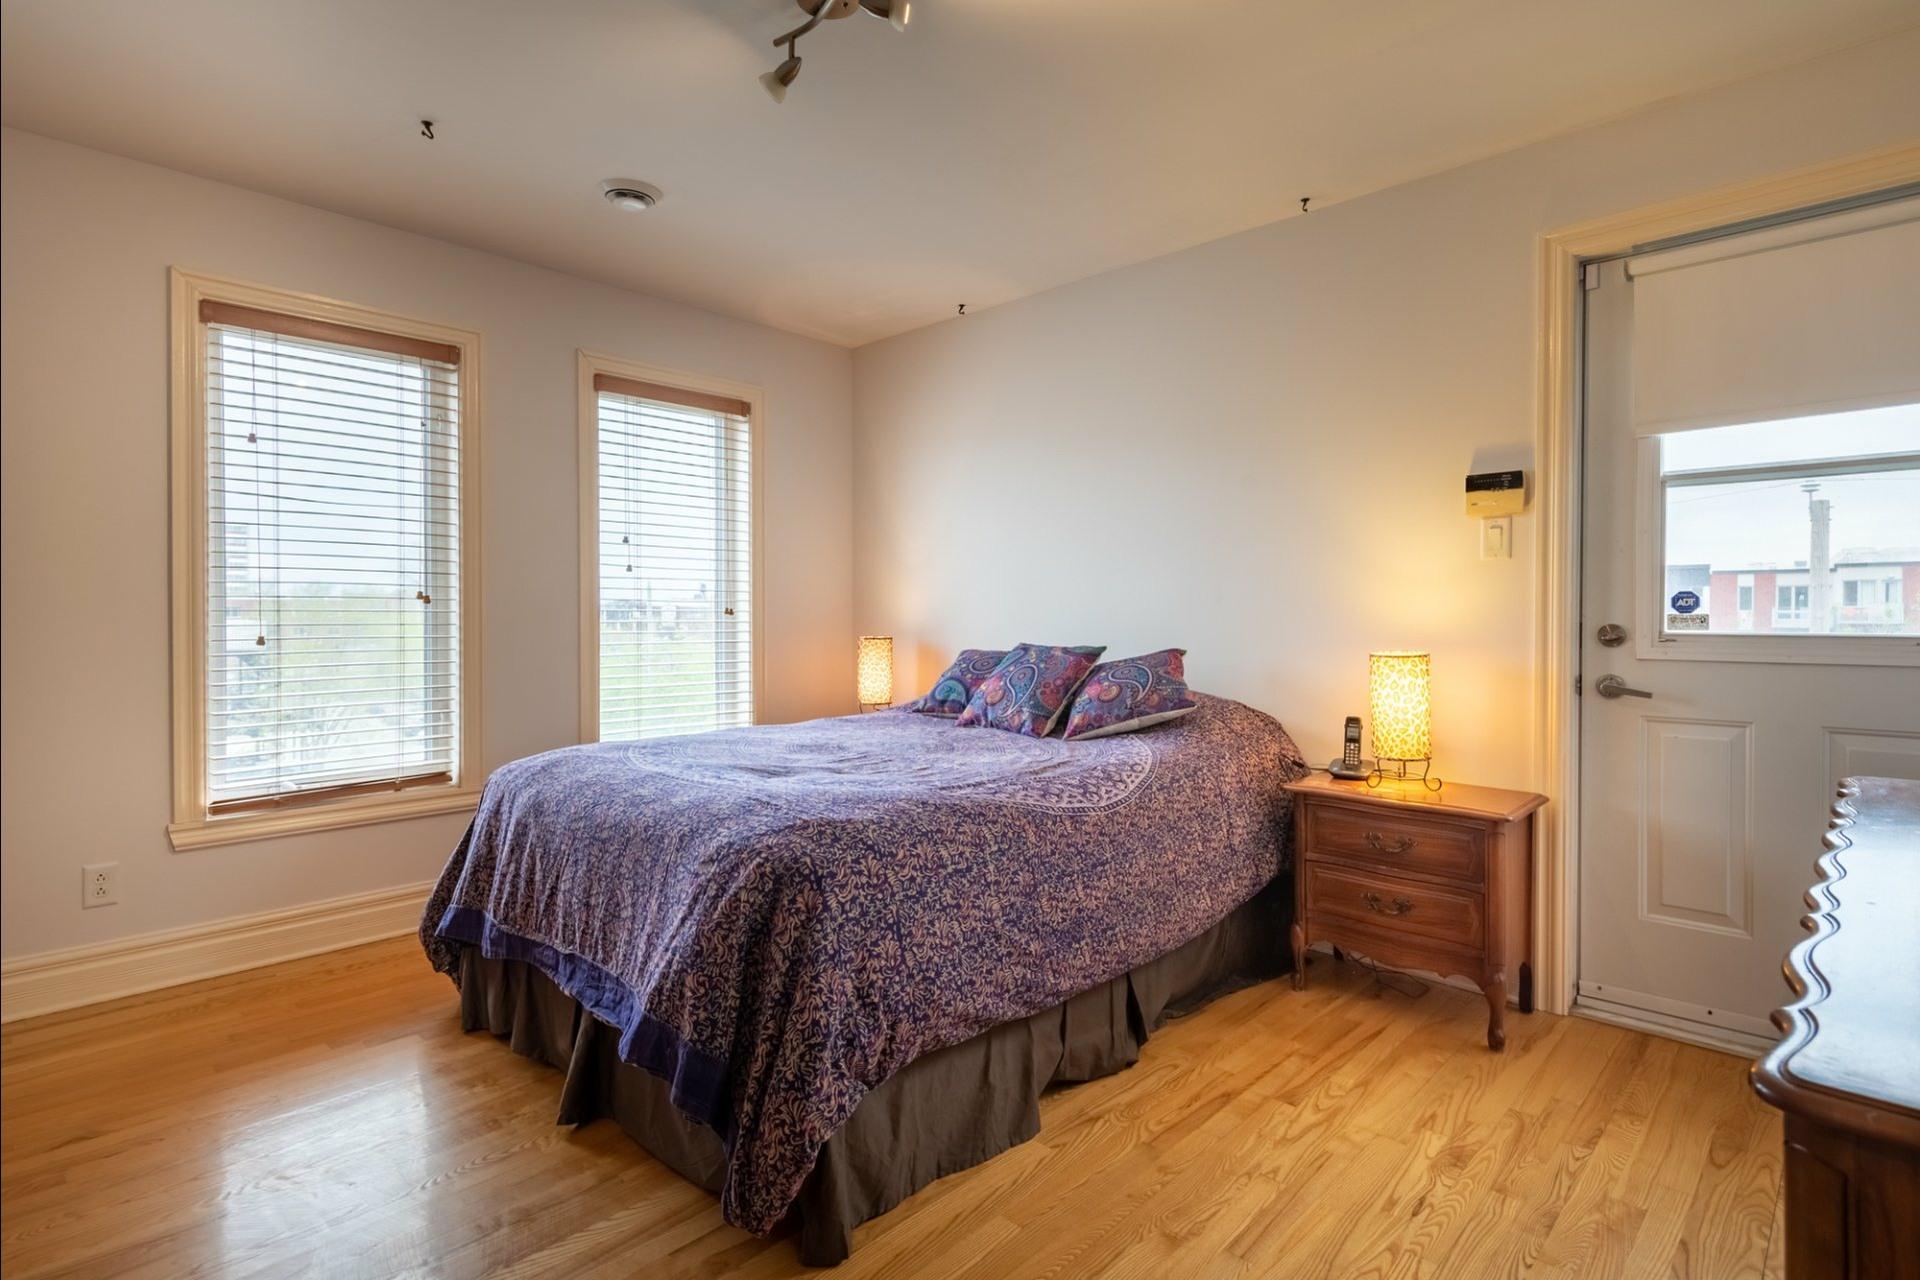 image 14 - Appartement À vendre Le Plateau-Mont-Royal Montréal  - 7 pièces